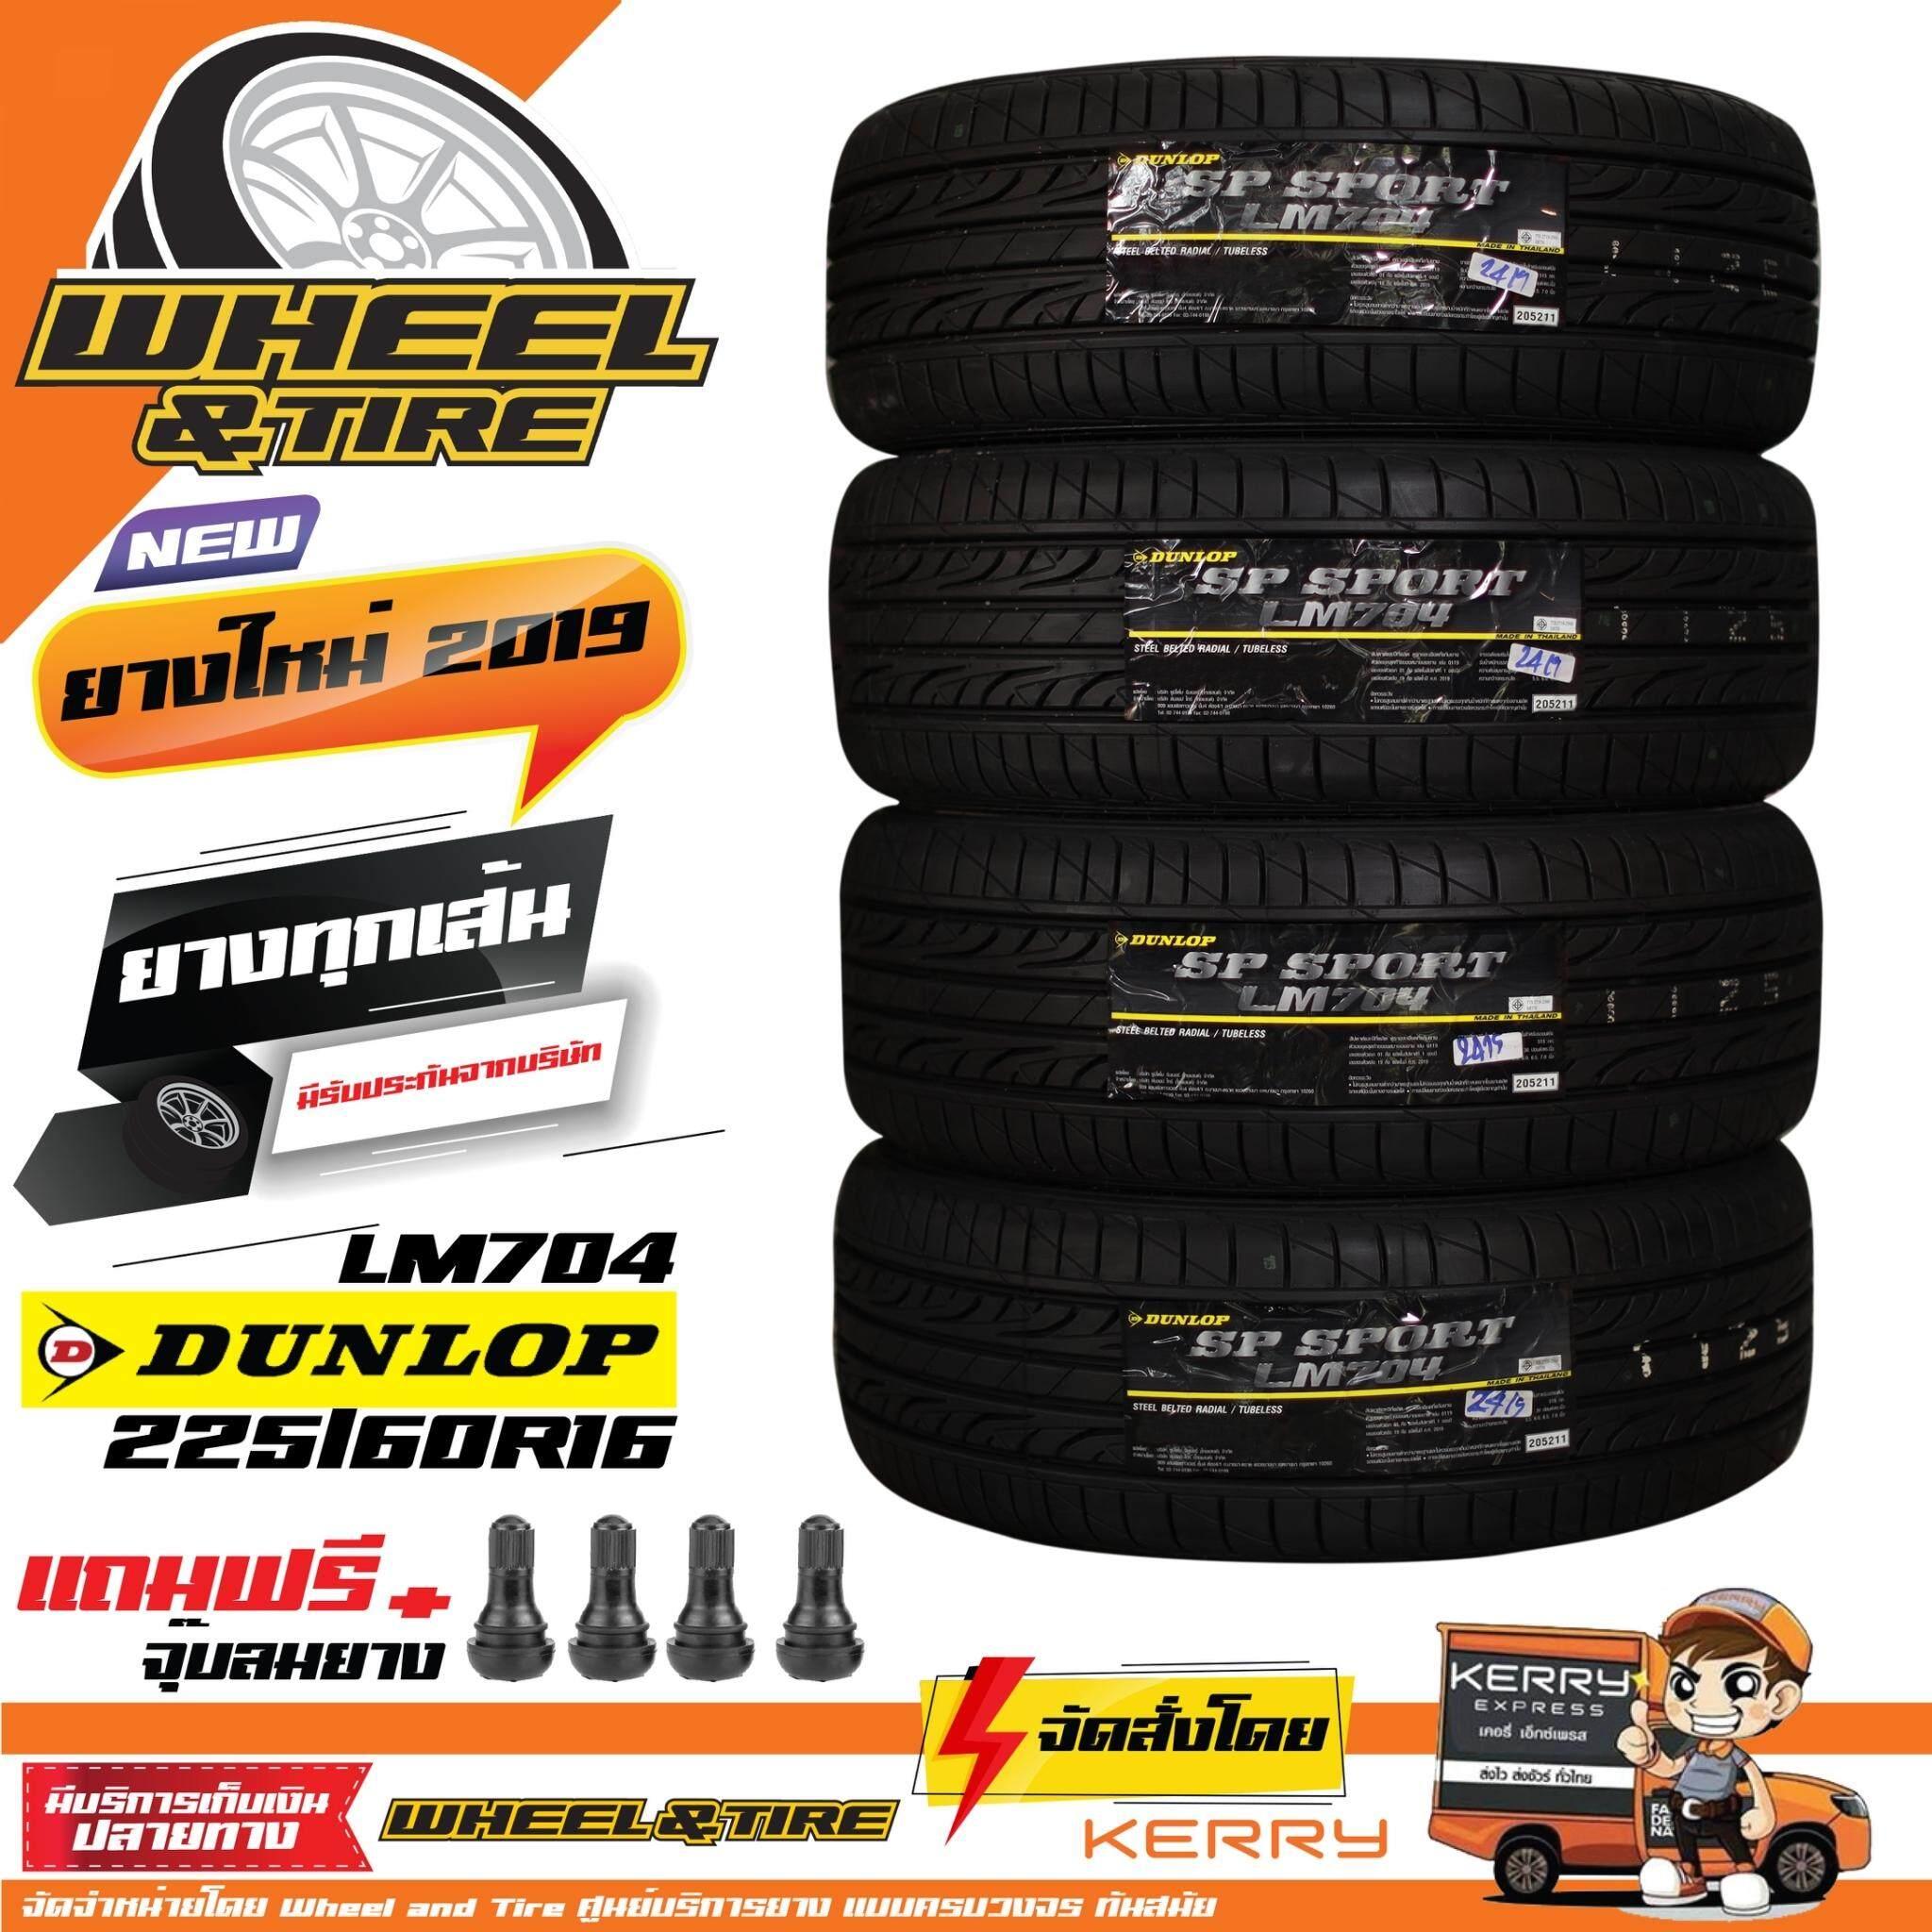 ประกันภัย รถยนต์ 2+ แพร่ Dunlop ยางรถยนต์ 225/60R16 รุ่น LM 704 จำนวน 4 เส้น ยางใหม่ปี 2019  แถมฟรีจุ๊บลมยาง  4 ชิ้น